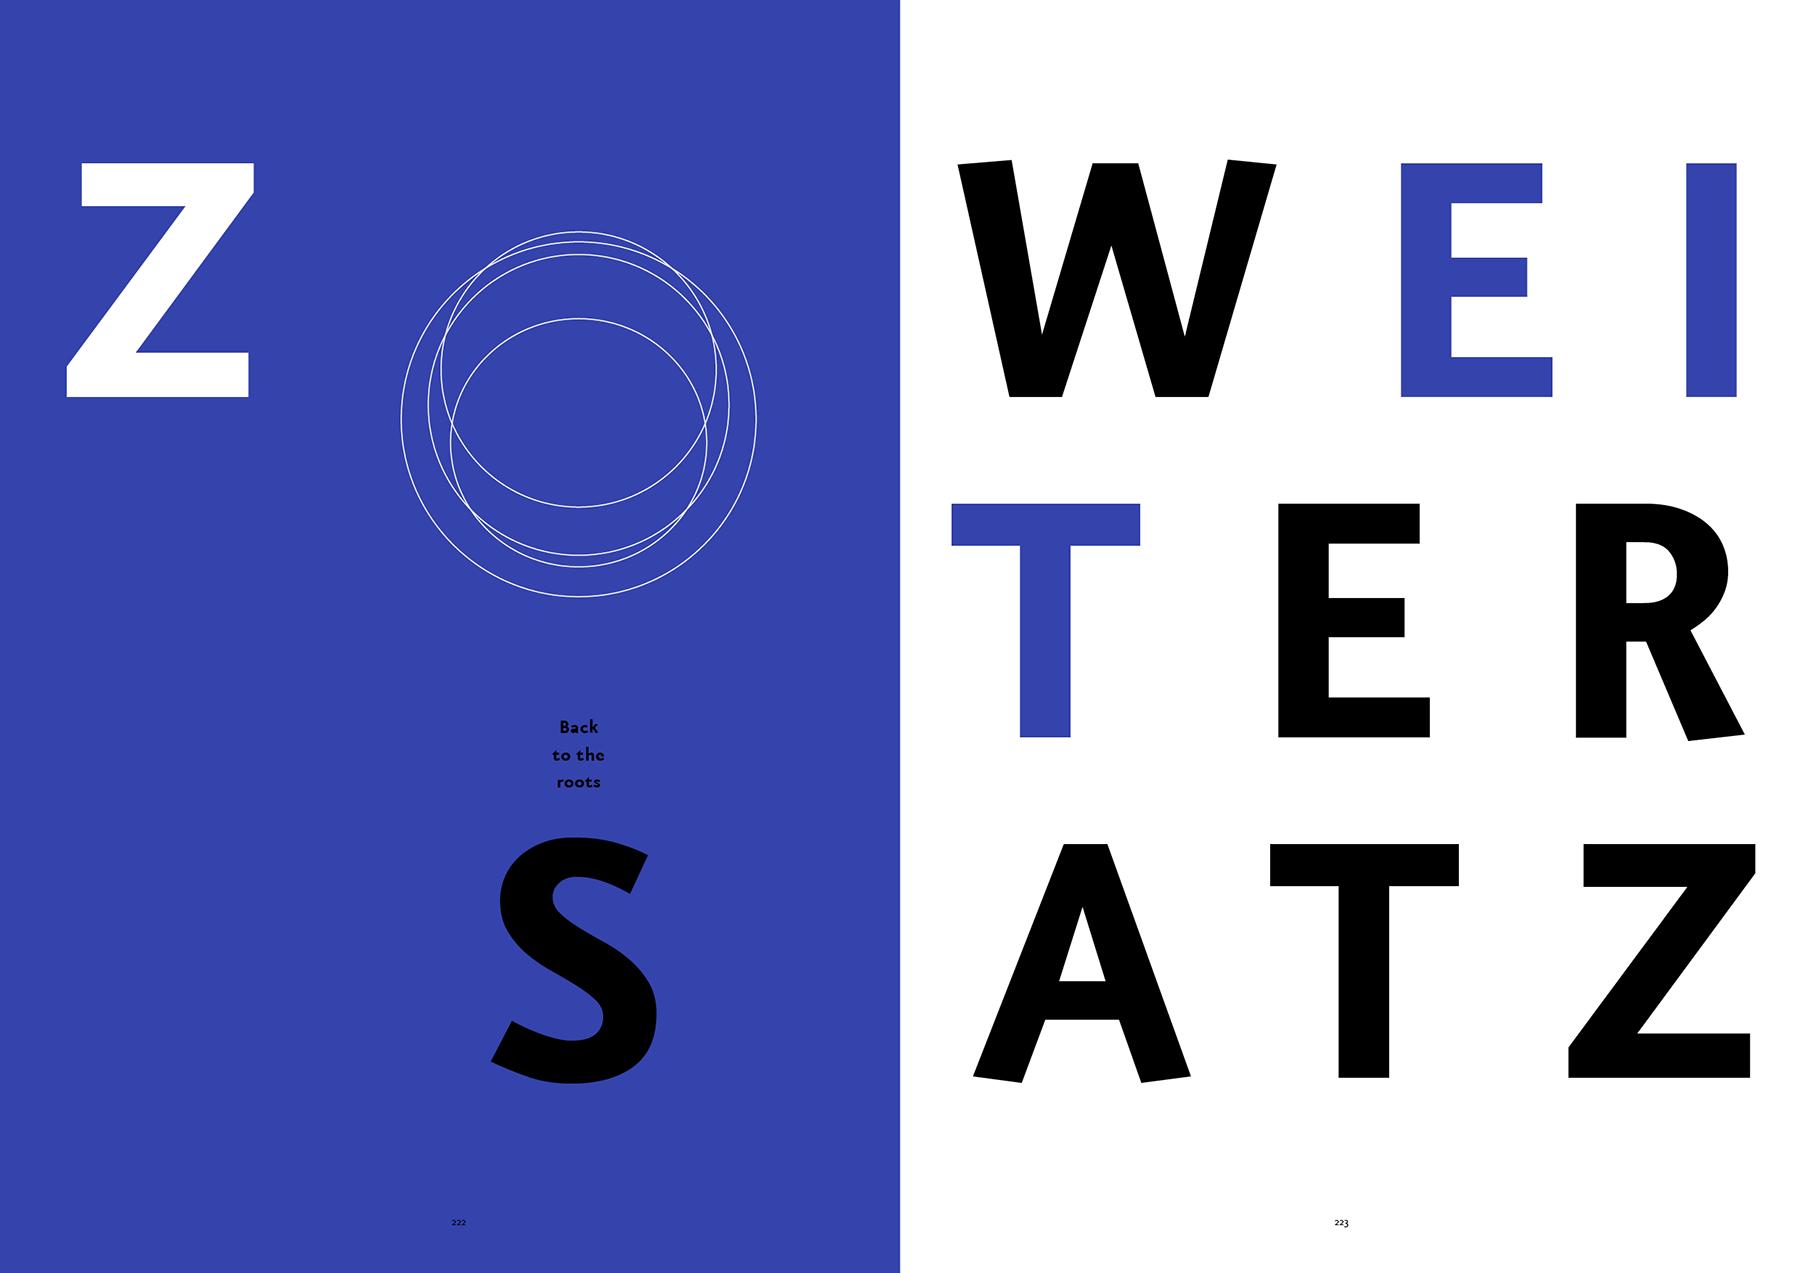 sabine-mescher-sichtung-designbilderbuch-typografie-weiter-zweiter-satz.png